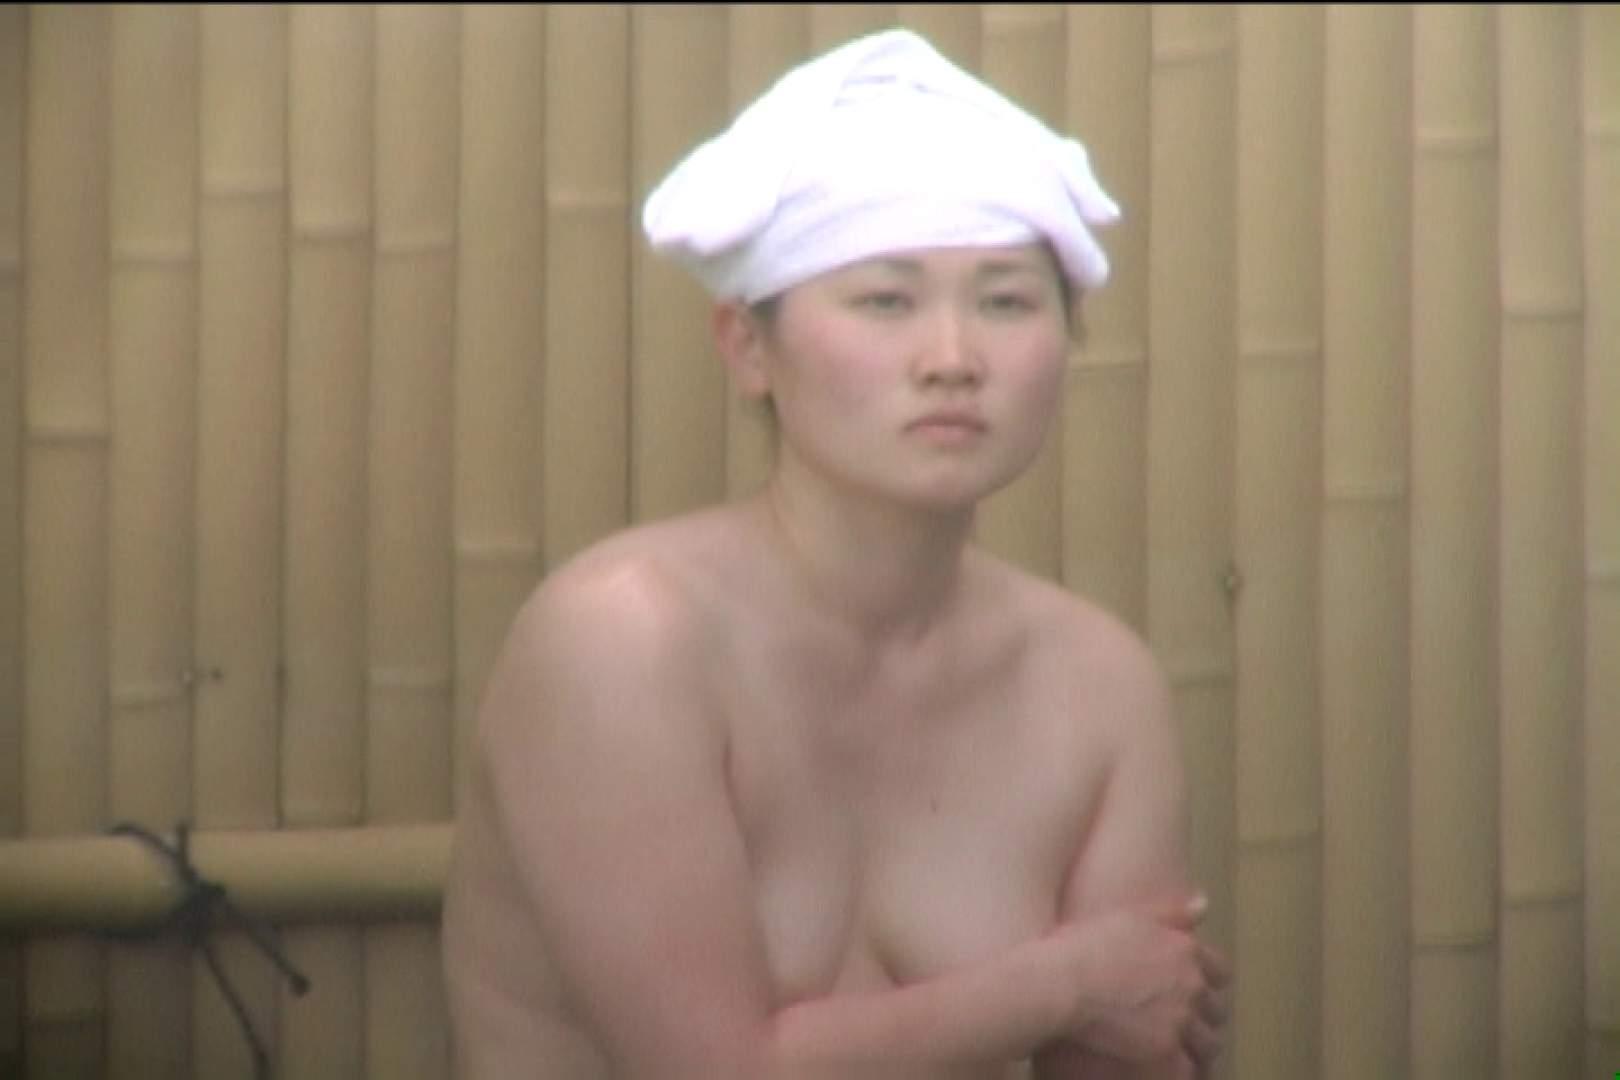 高画質露天女風呂観察 vol.015 OL女体 のぞき動画画像 85連発 79